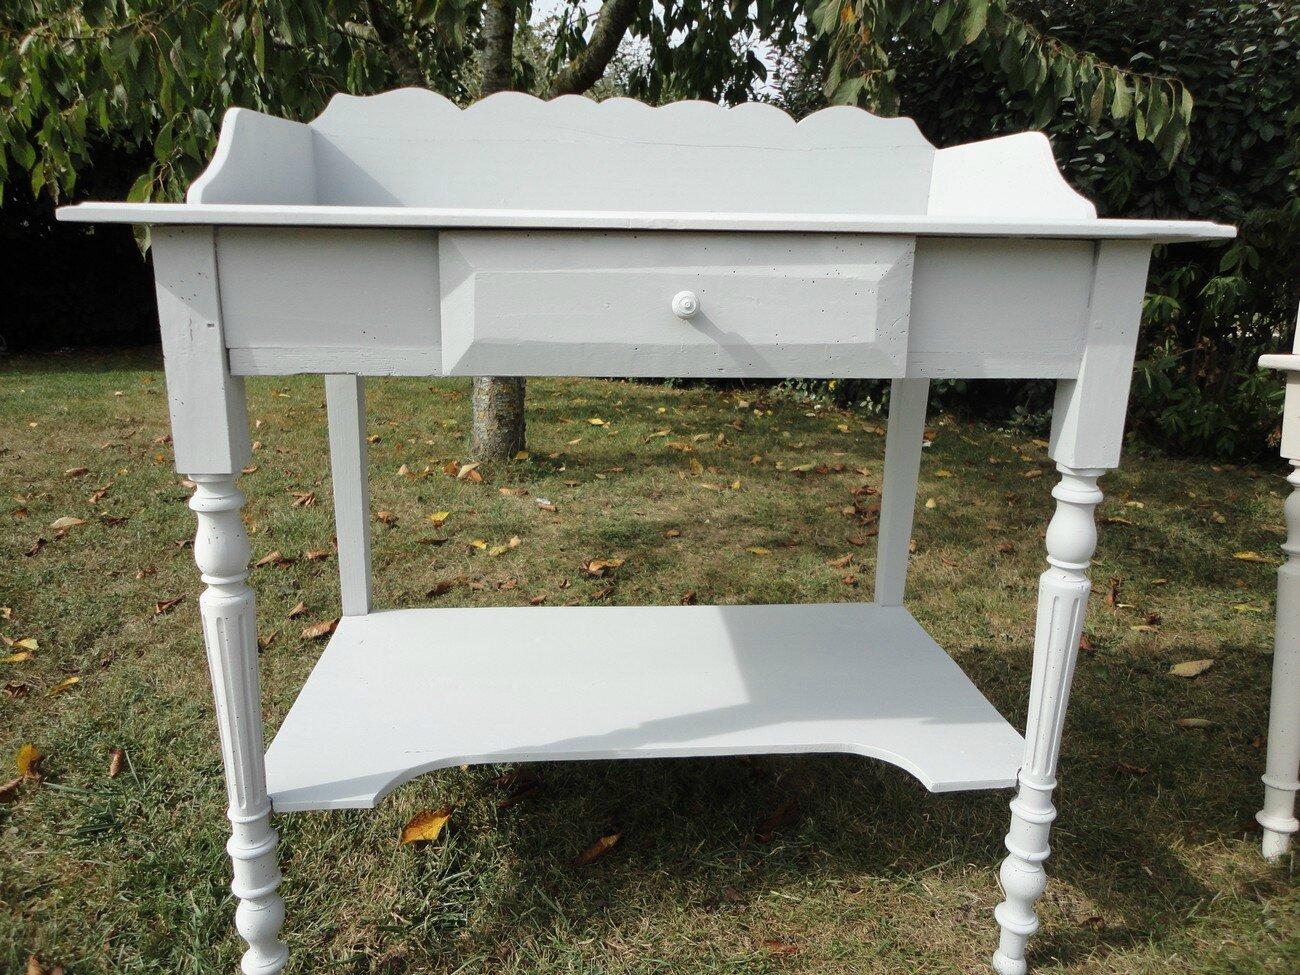 Peinture Et Patine Sur Des Meubles Anciens Charme Dantan - Peinture de meubles anciens